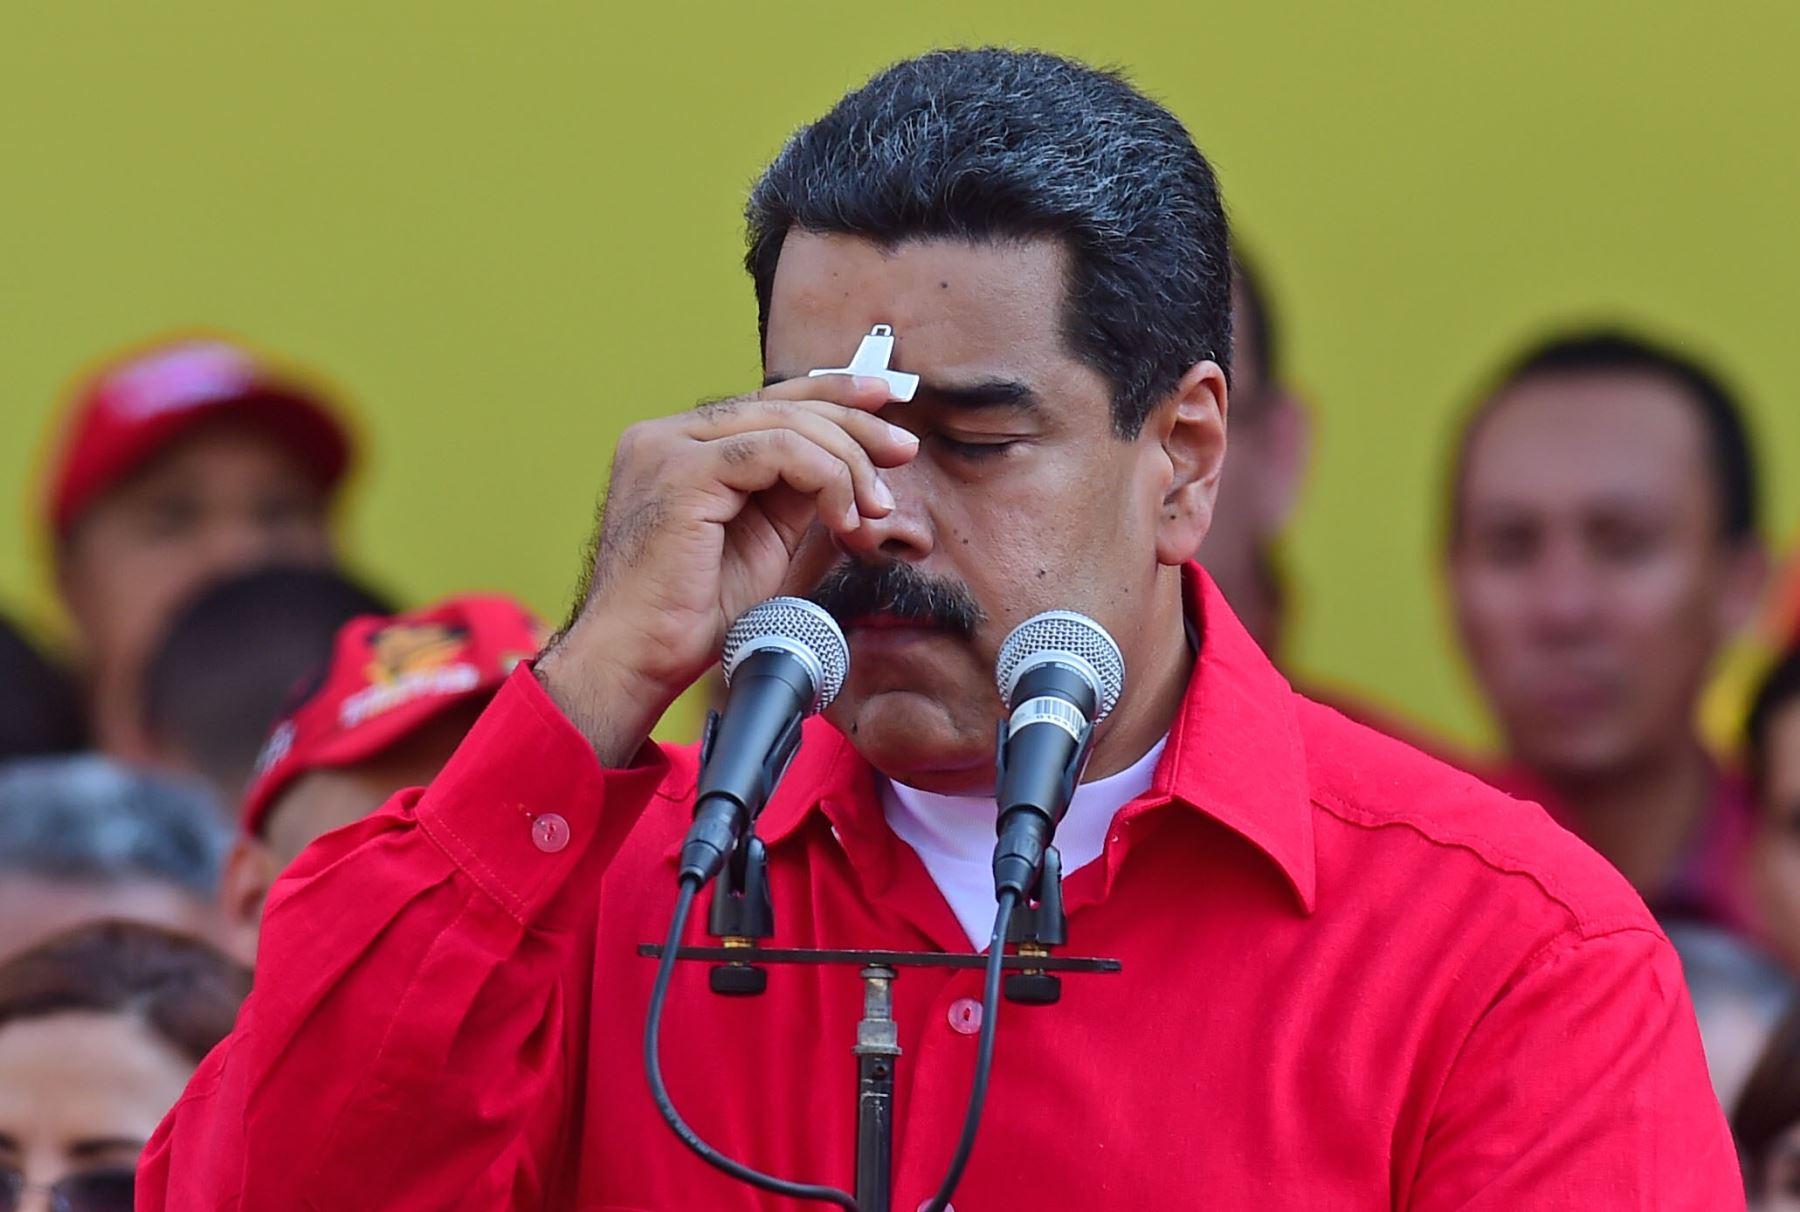 El presidente de Venezuela, Nicolás Maduro,se reúne con sus partidarios en Caracas. Foto: AFP